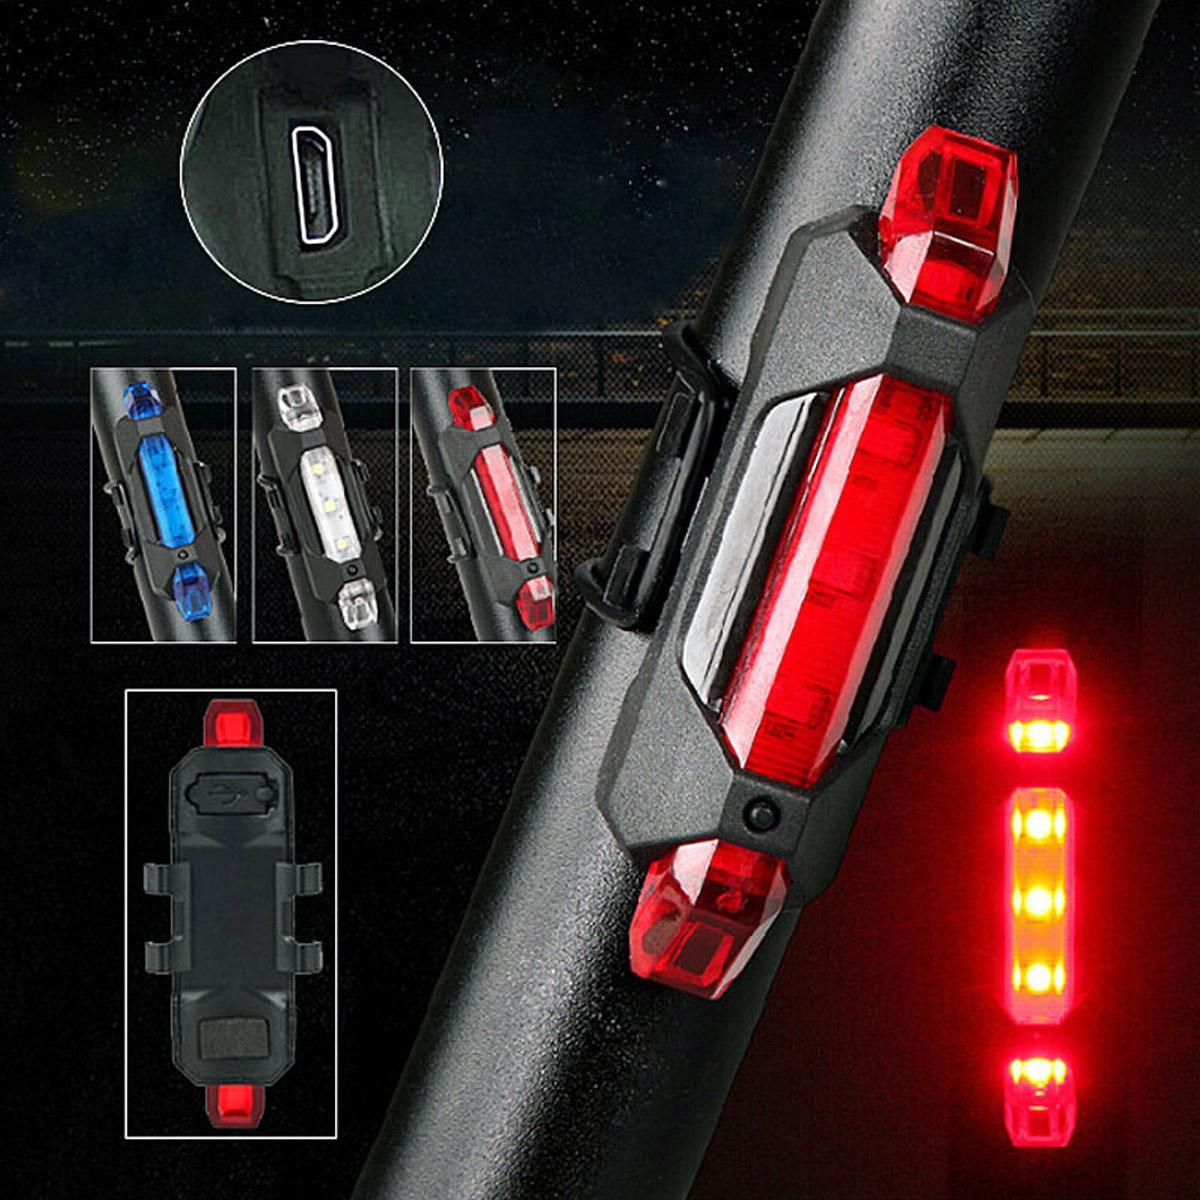 Nuova luce di sicurezza di sicurezza posteriore della bicicletta della coda della bicicletta della bici della luce ricaricabile del USB LED portatile